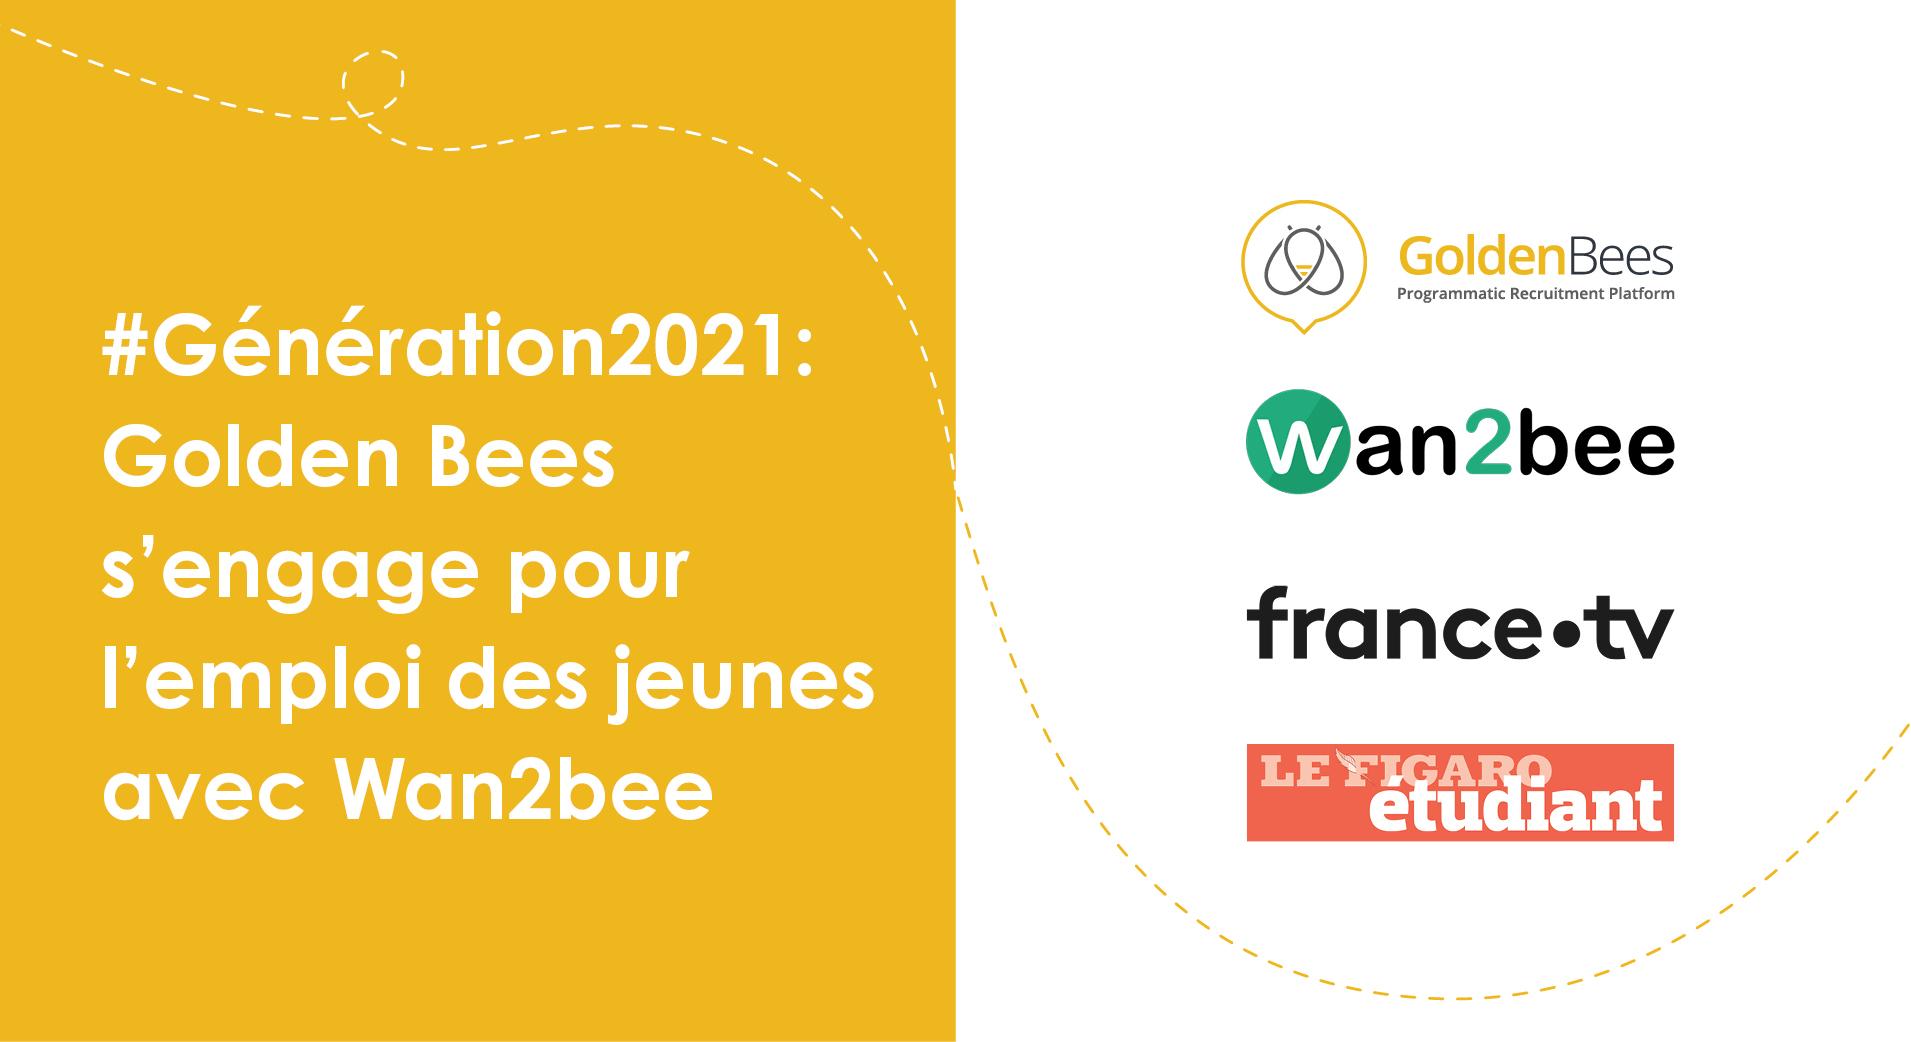 #Génération2021  Golden Bees sengage pour lemploi des jeunes avec Wan2bee